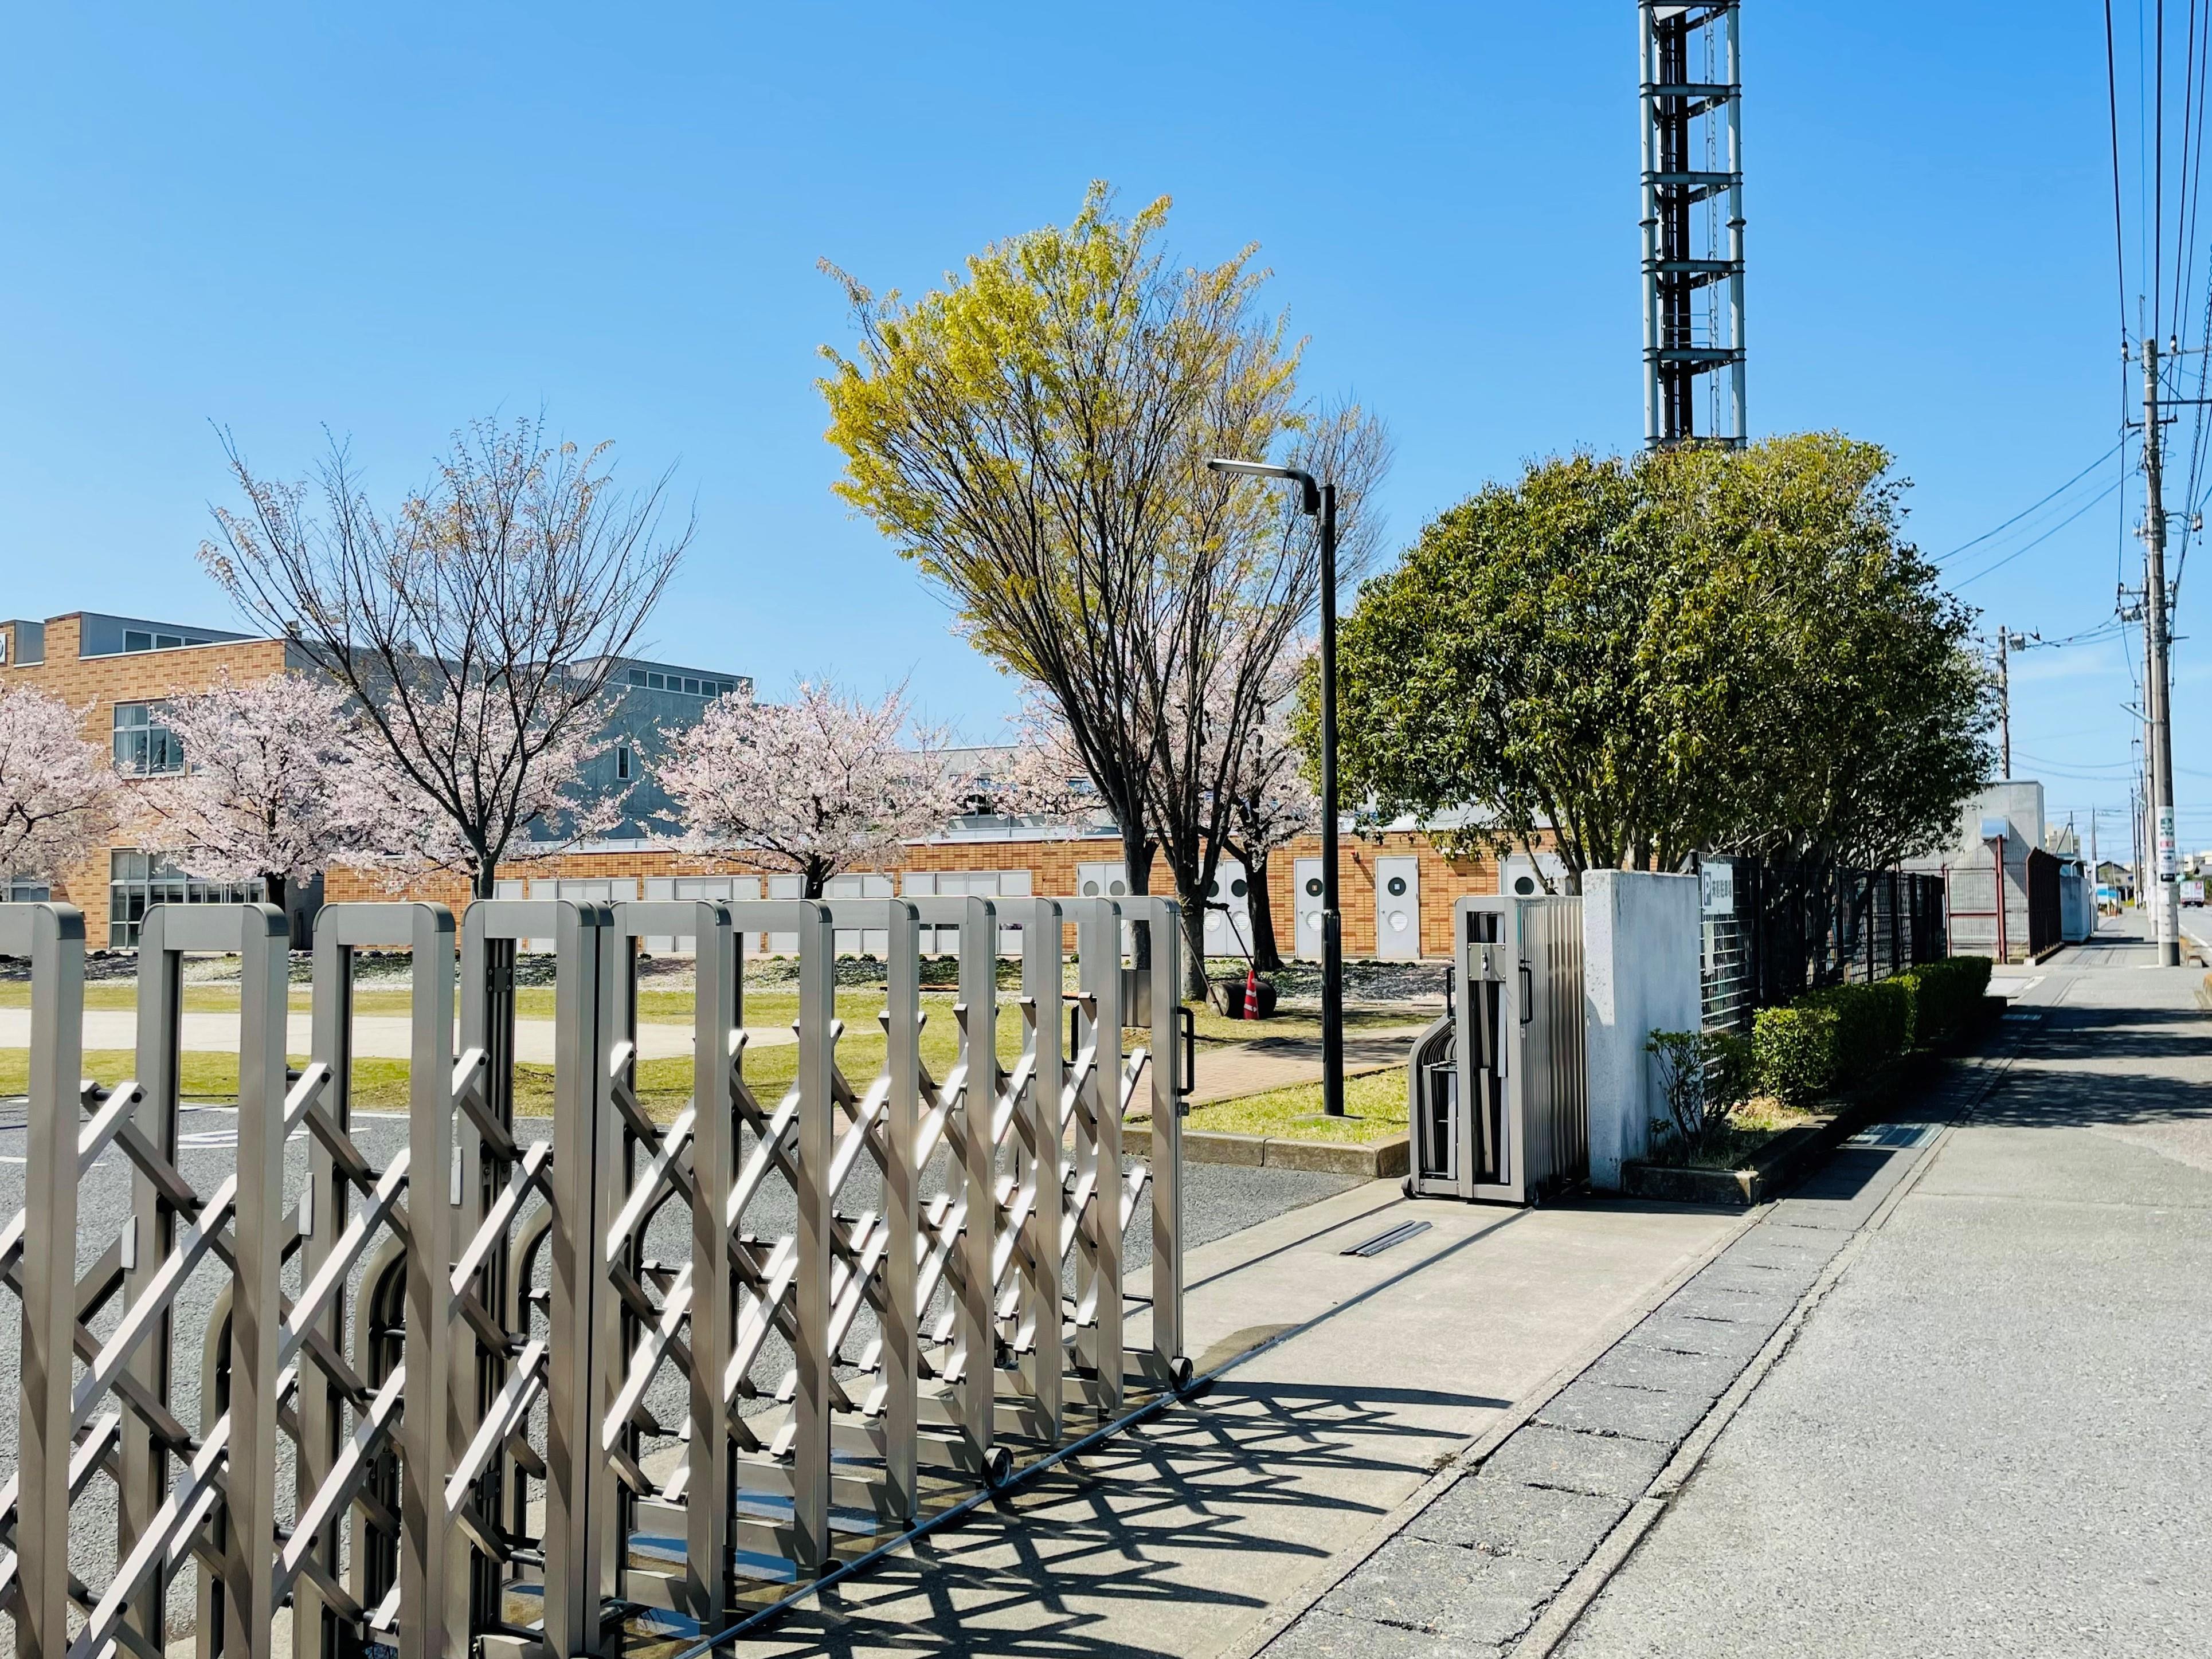 太田市立沢野中央小学校(太田市立沢野中央小学校まで徒歩5分(350m))